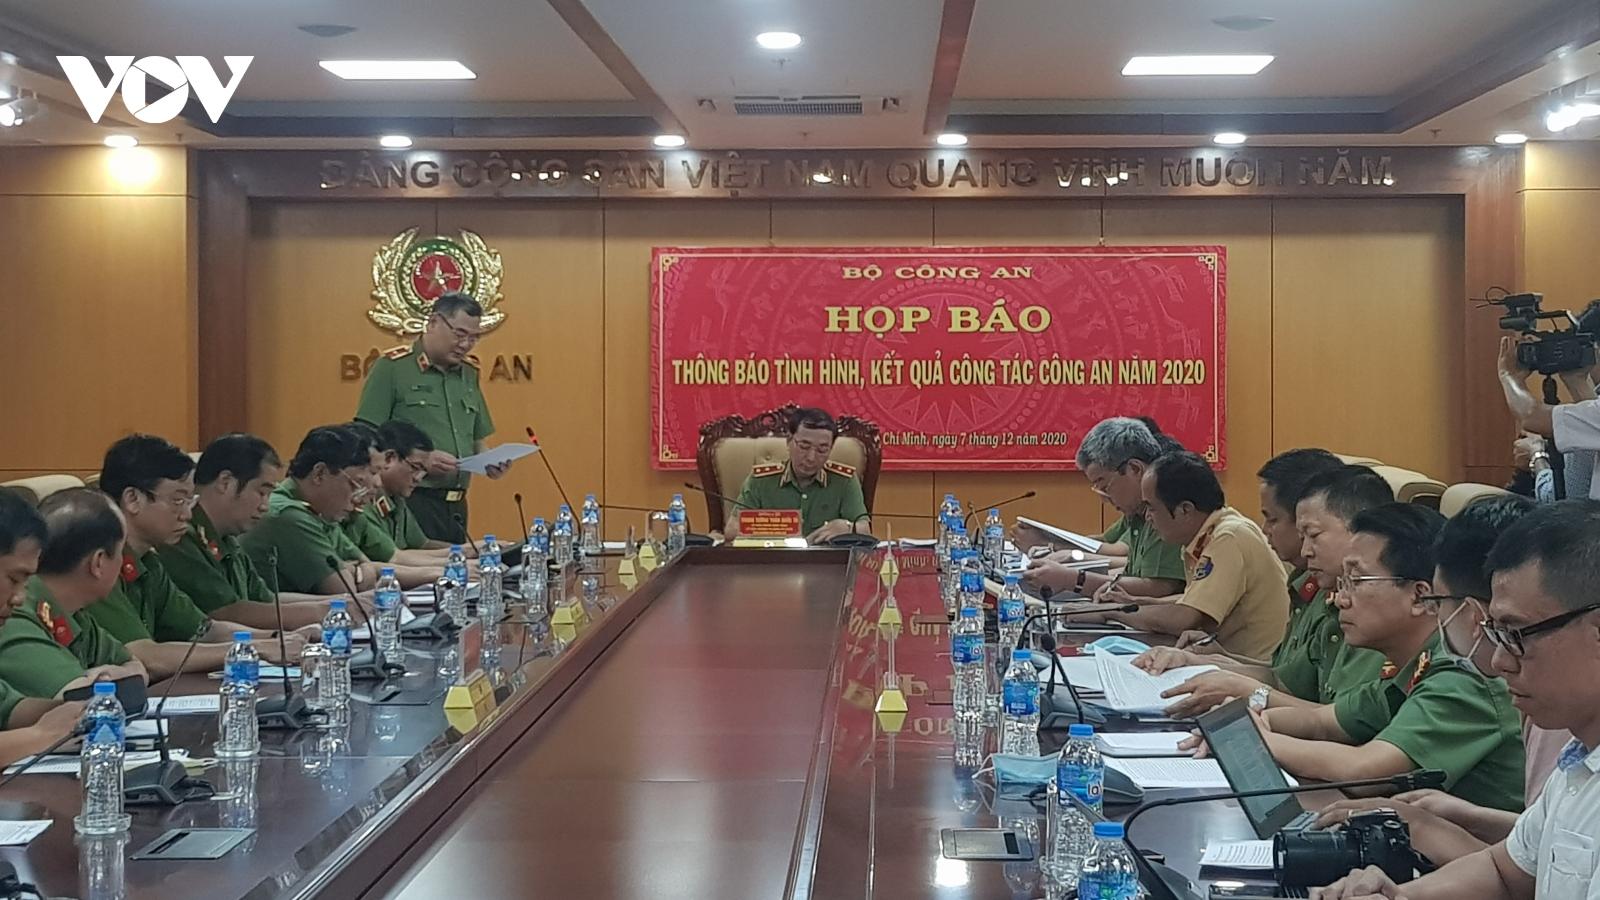 Khởi tố 13 bị can trong vụ án tại Tổng Công ty đầu tư phát triển đường cao tốc Việt Nam